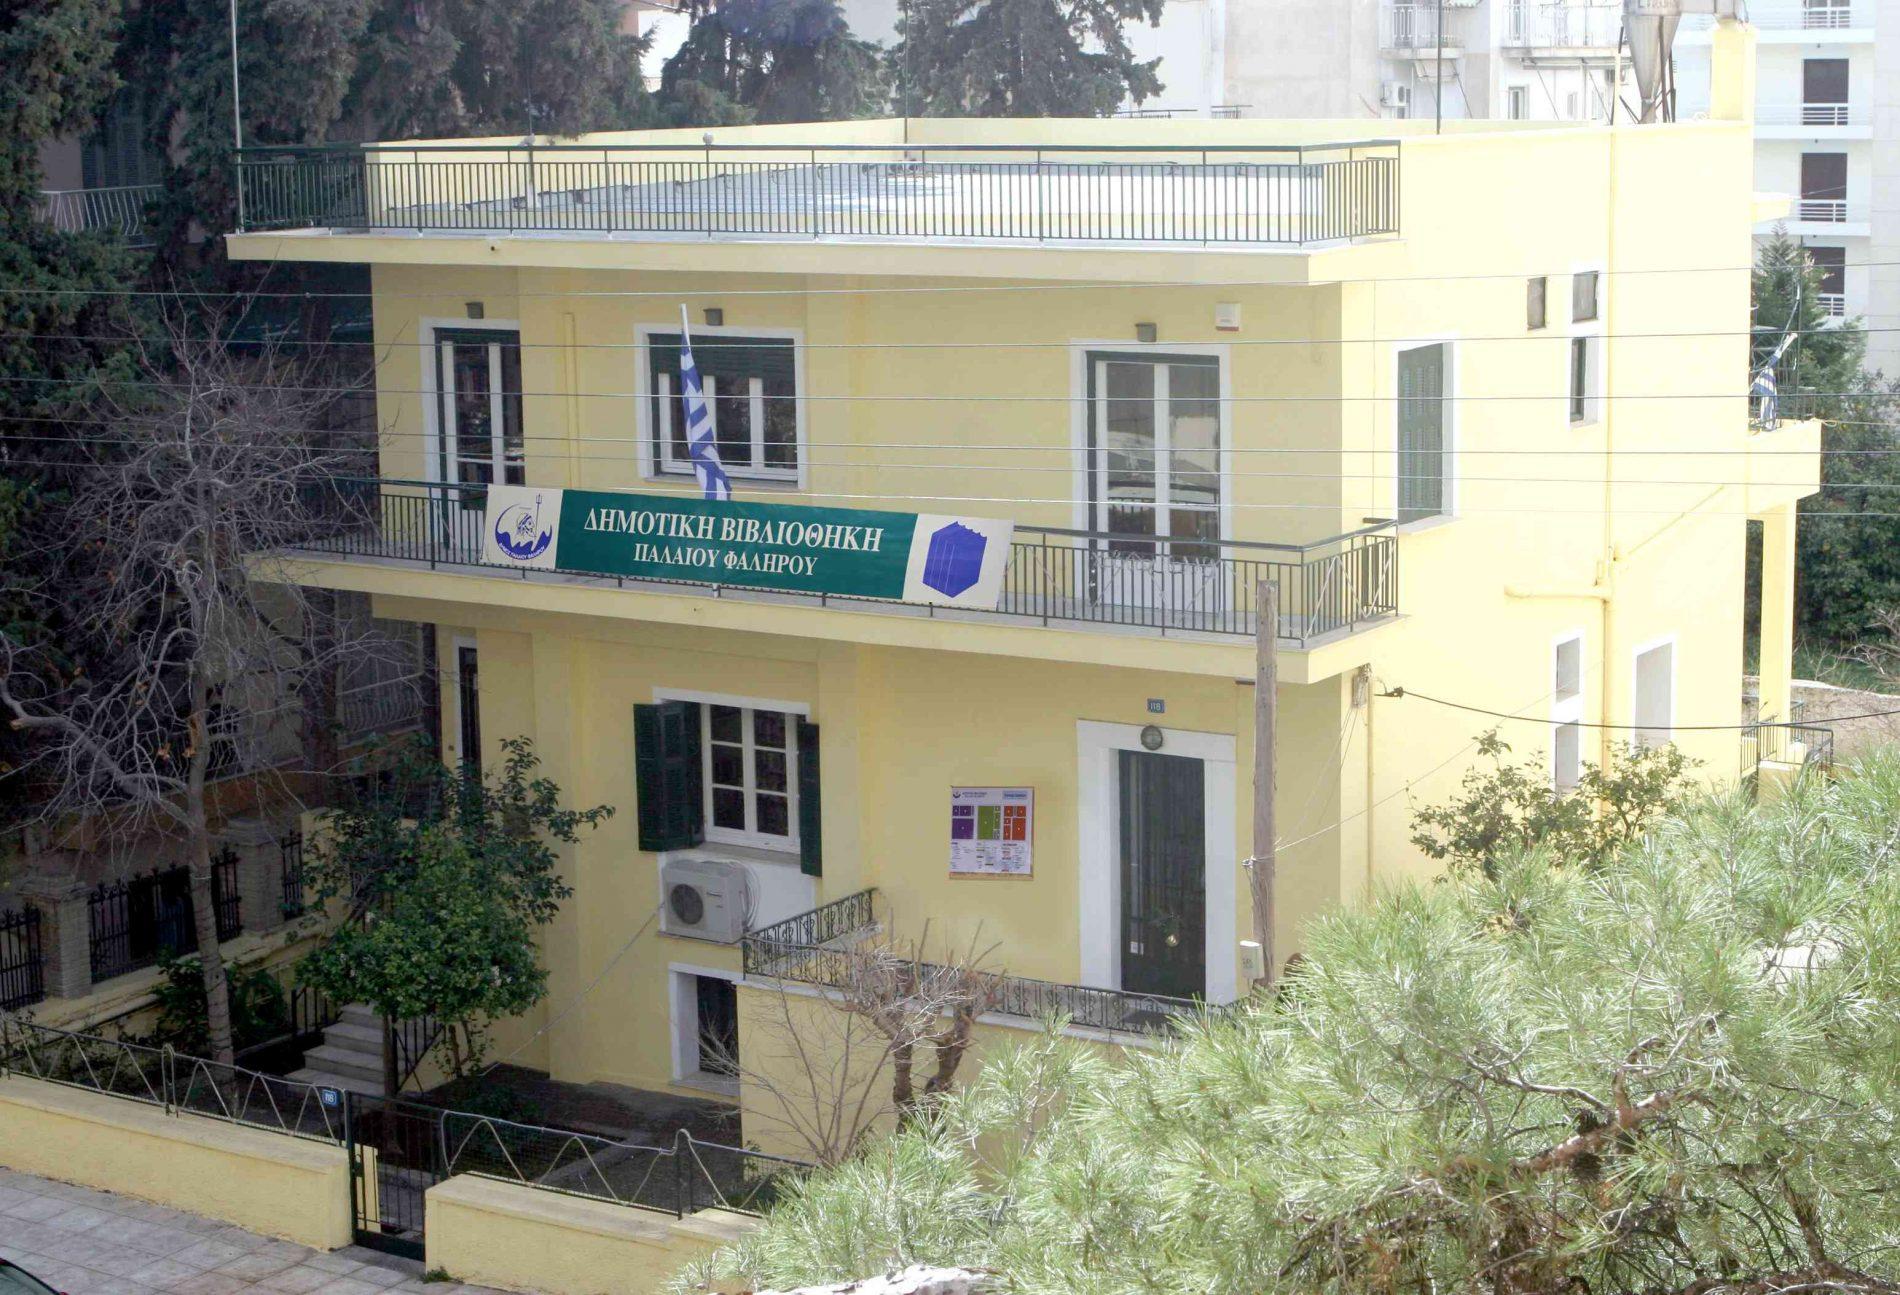 Παλαιό Φάληρο:Στην διάθεση των εκπαιδευτικών και των μαθητών ο εξοπλισμός των Δημοτικών Βιβλιοθηκών